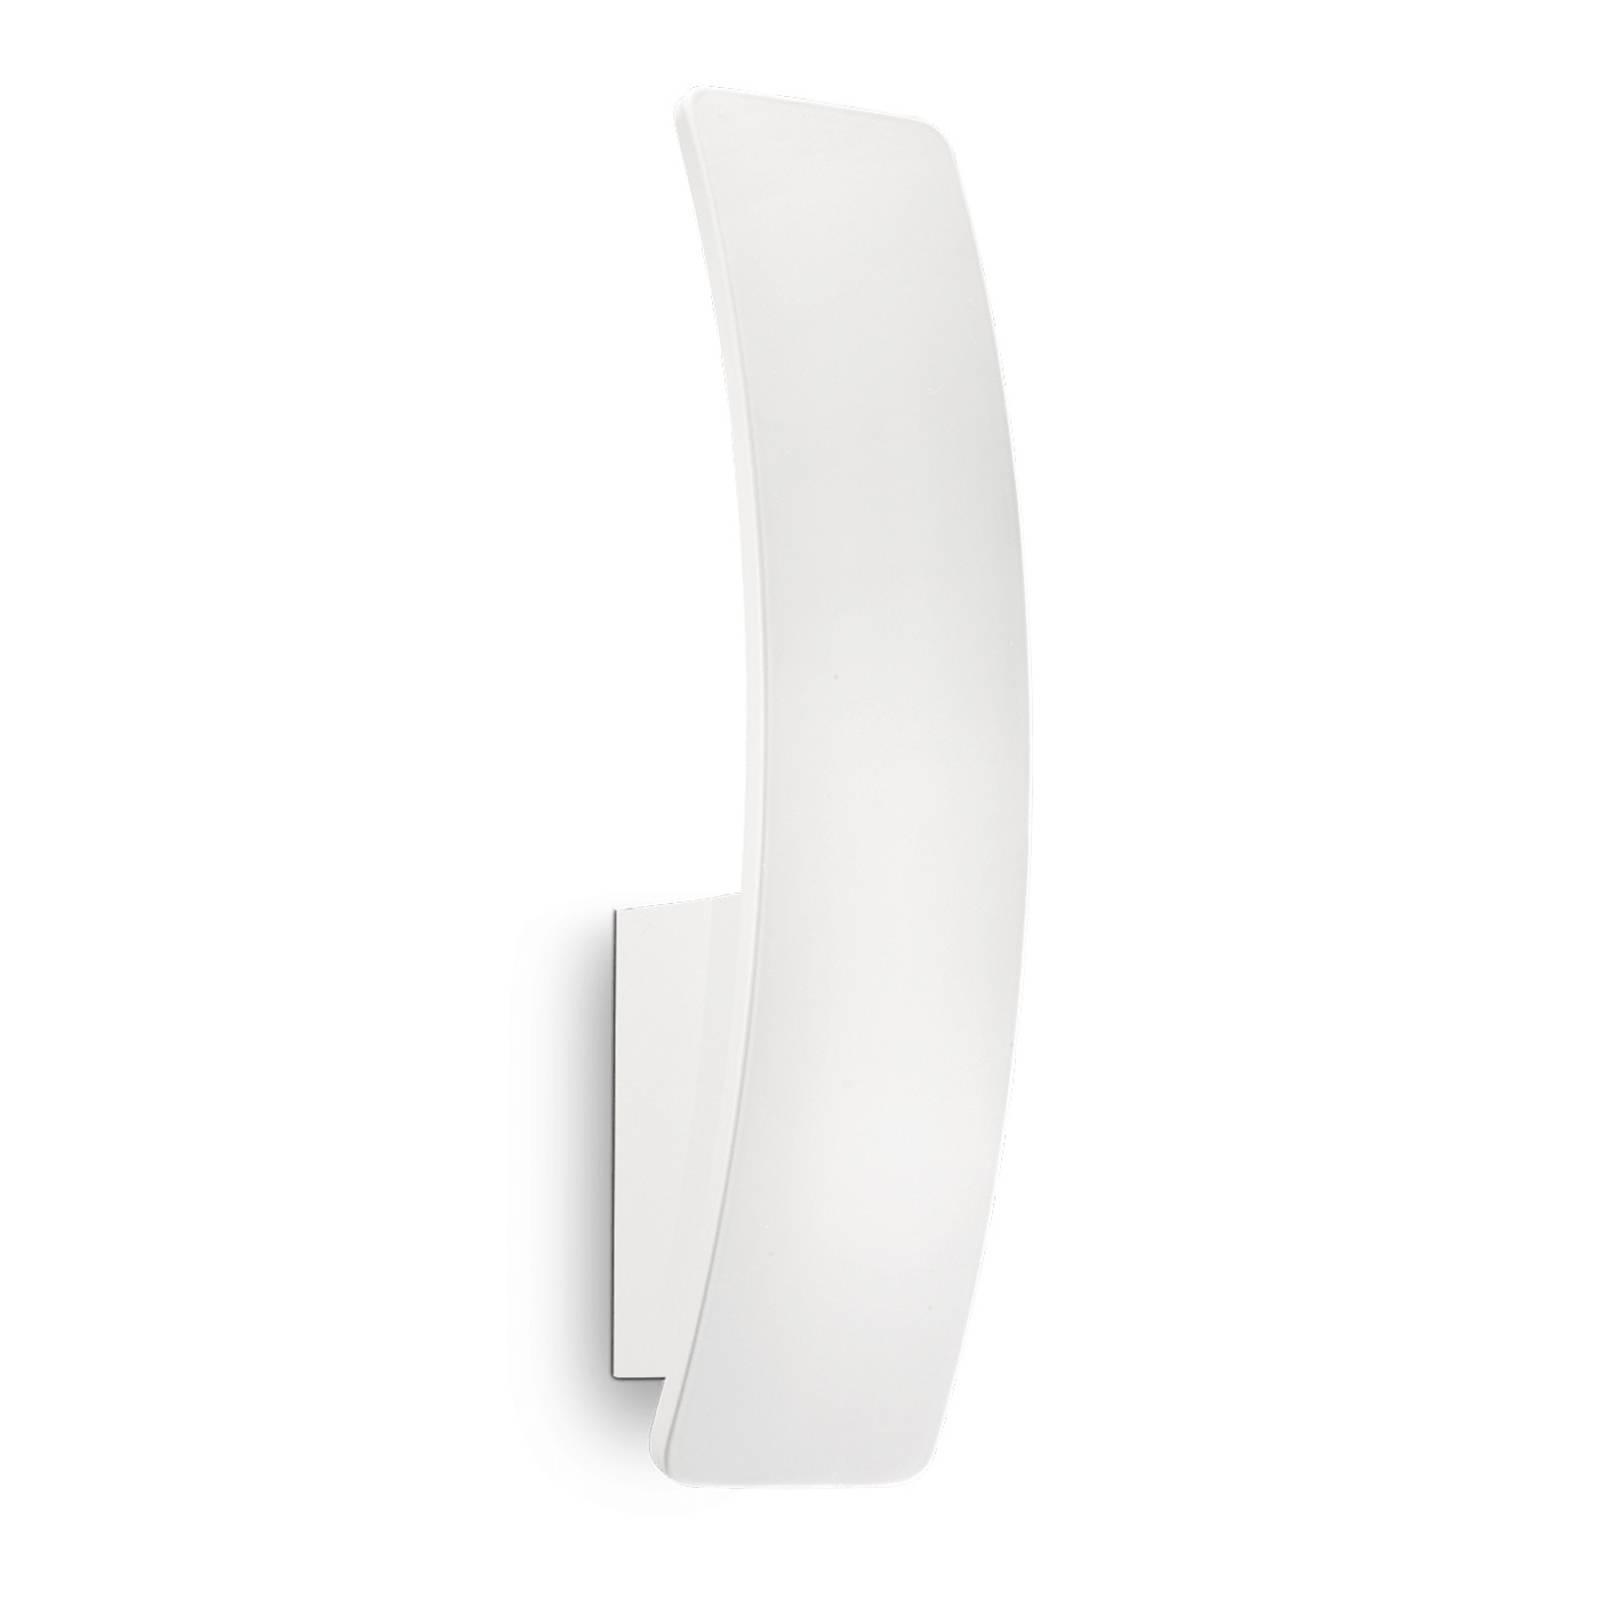 LED-seinävalaisin Vela, epäsuora valo, valkoinen